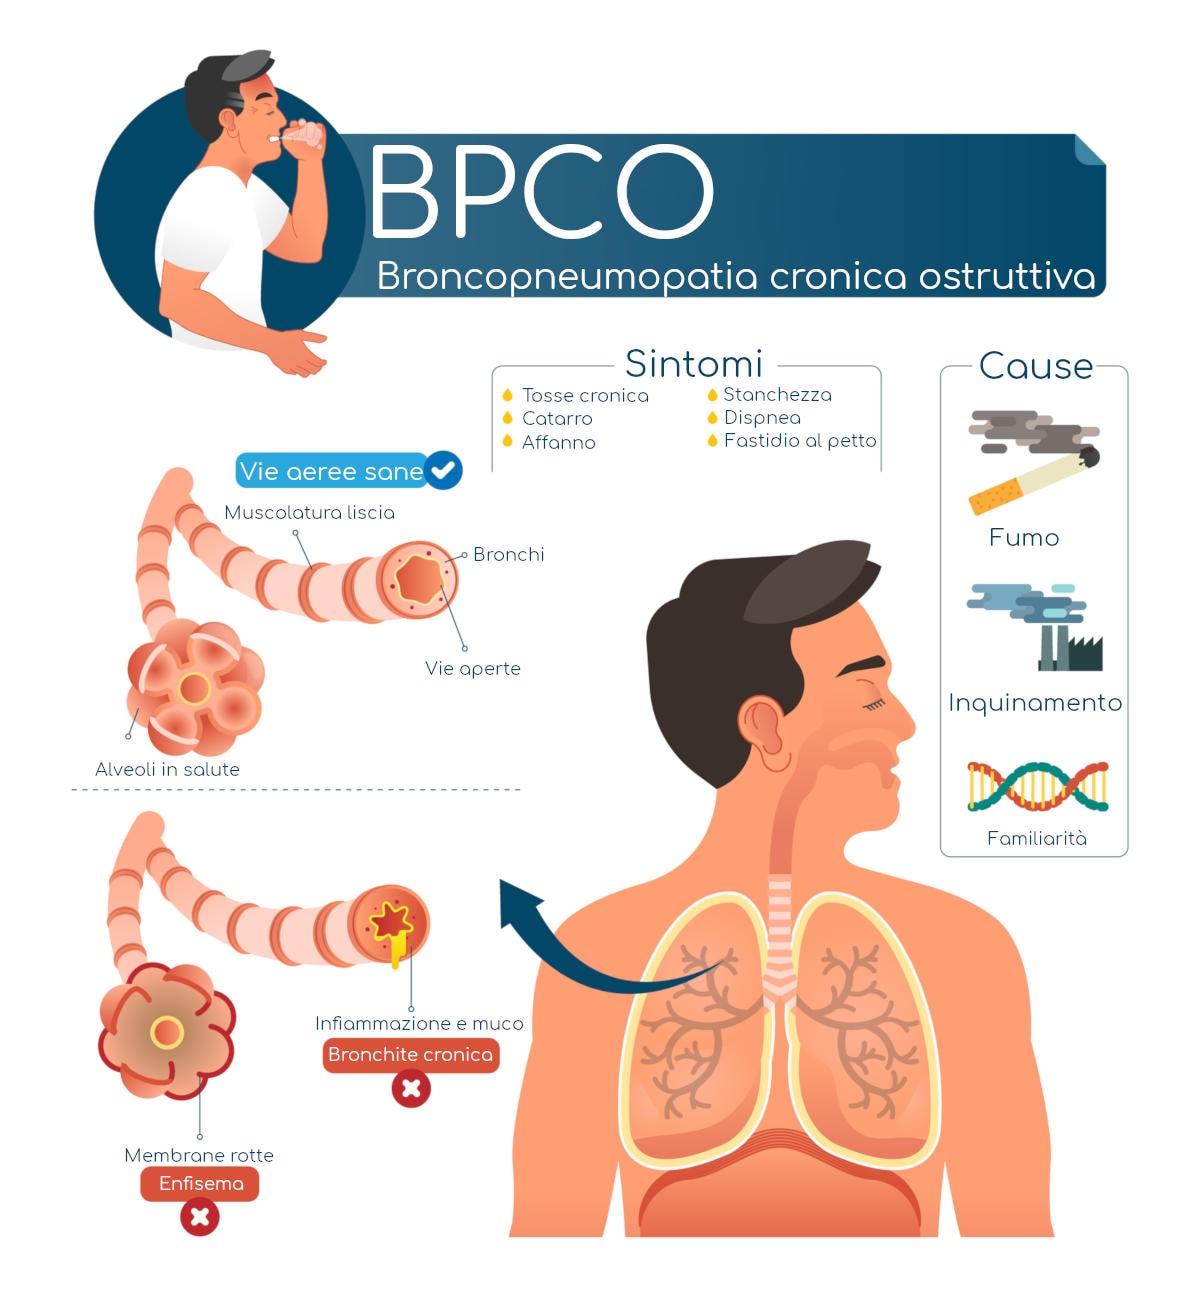 Infografica riassuntiva con sintomi e cause della BPCO